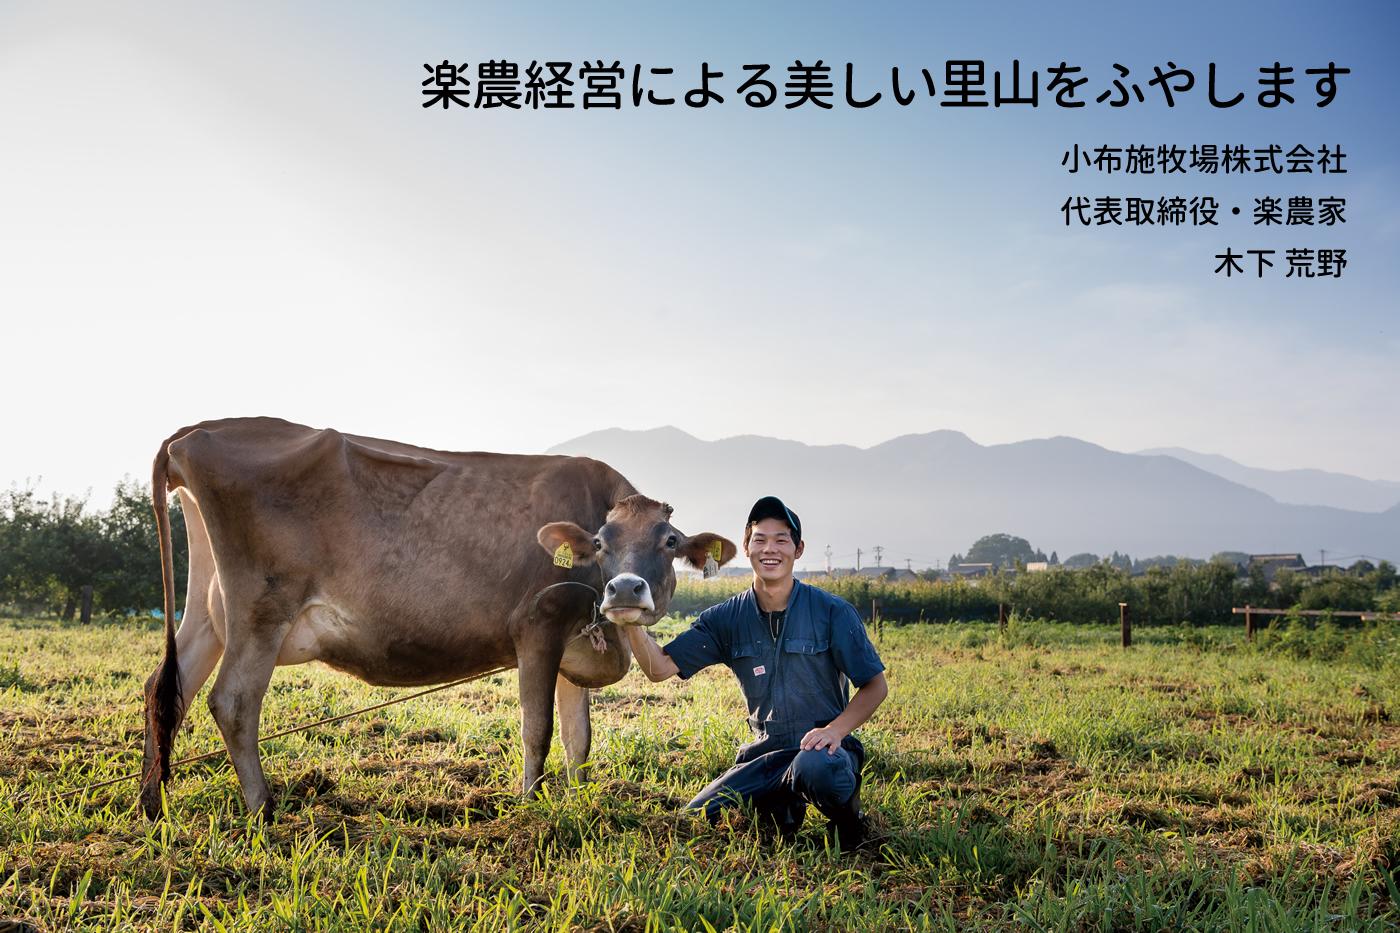 楽農経営による美しい里山をふやします 小布施牧場株式会社 代表取締役・楽農家 木下 荒野